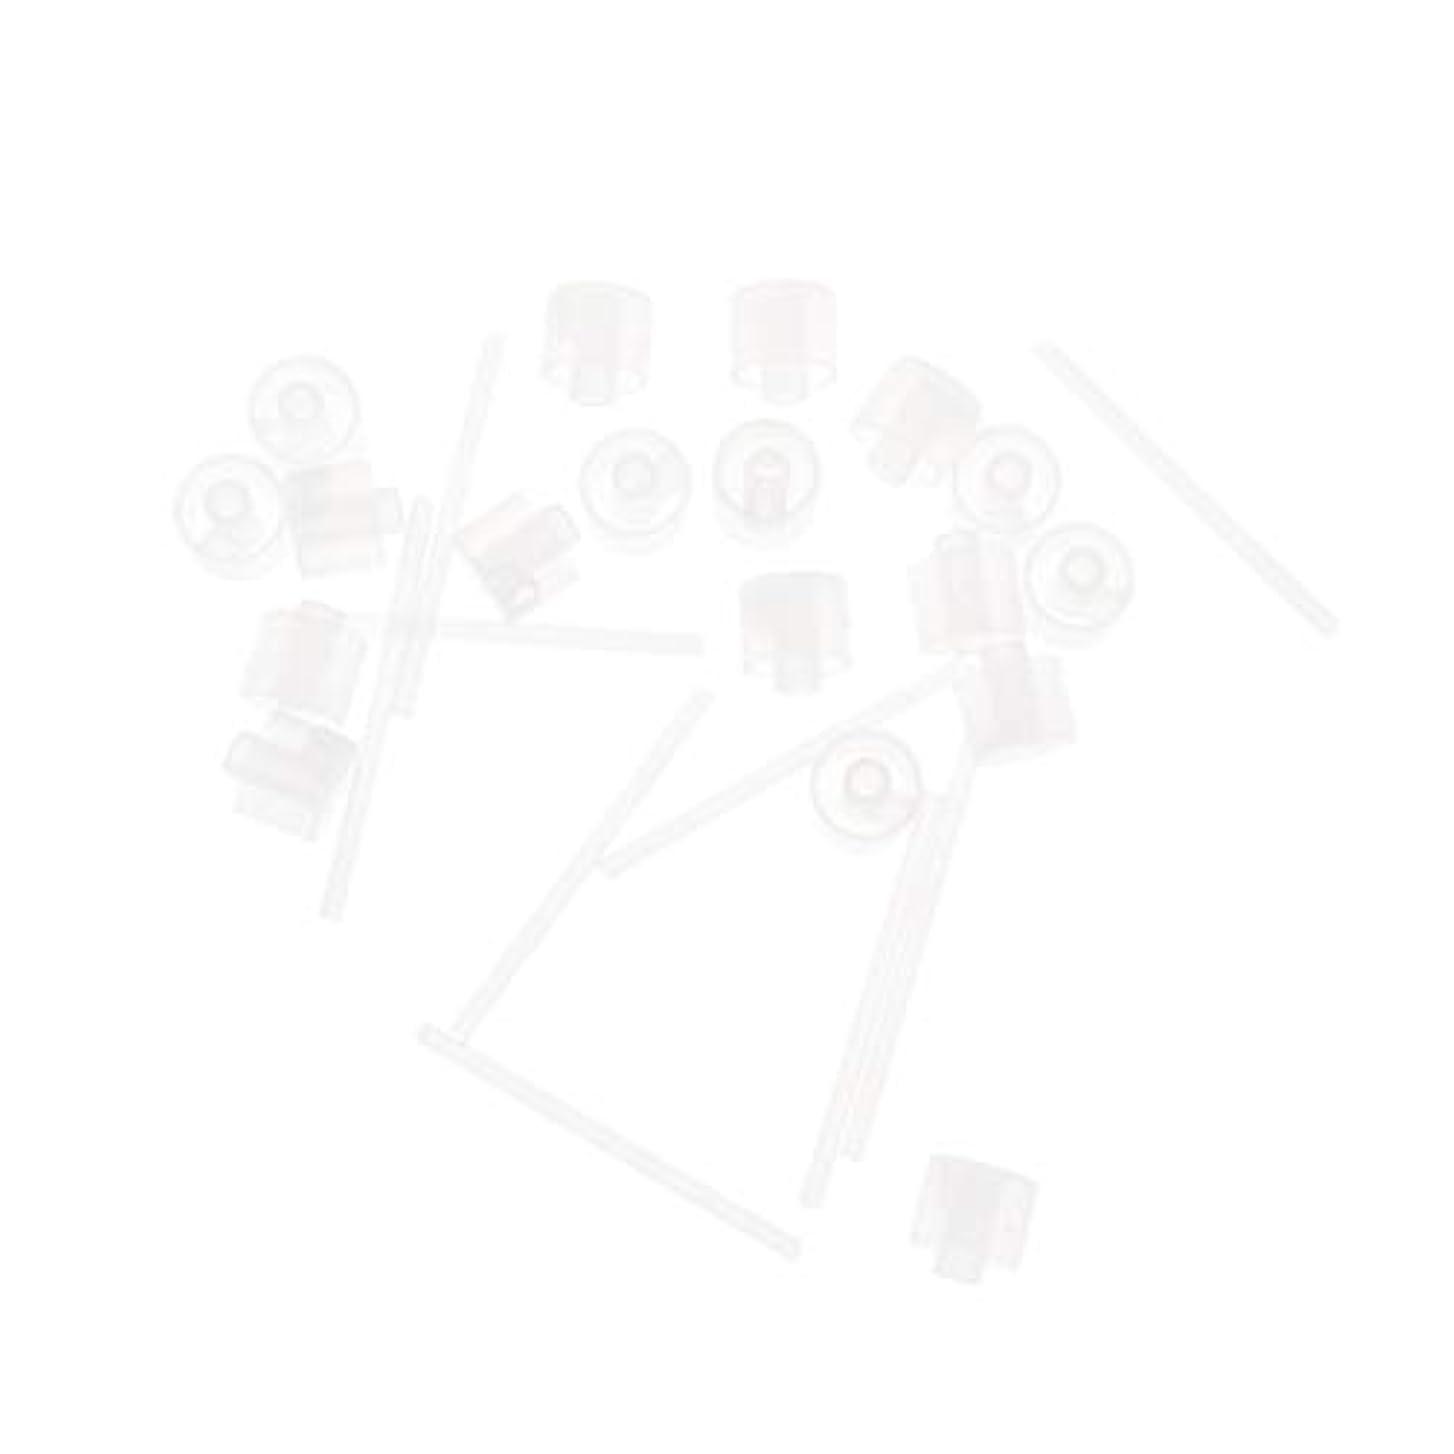 スペクトラム外交アカデミーLurrose 20ピースプラスチック香水ポンプディスペンサー香水ディスペンサーツール